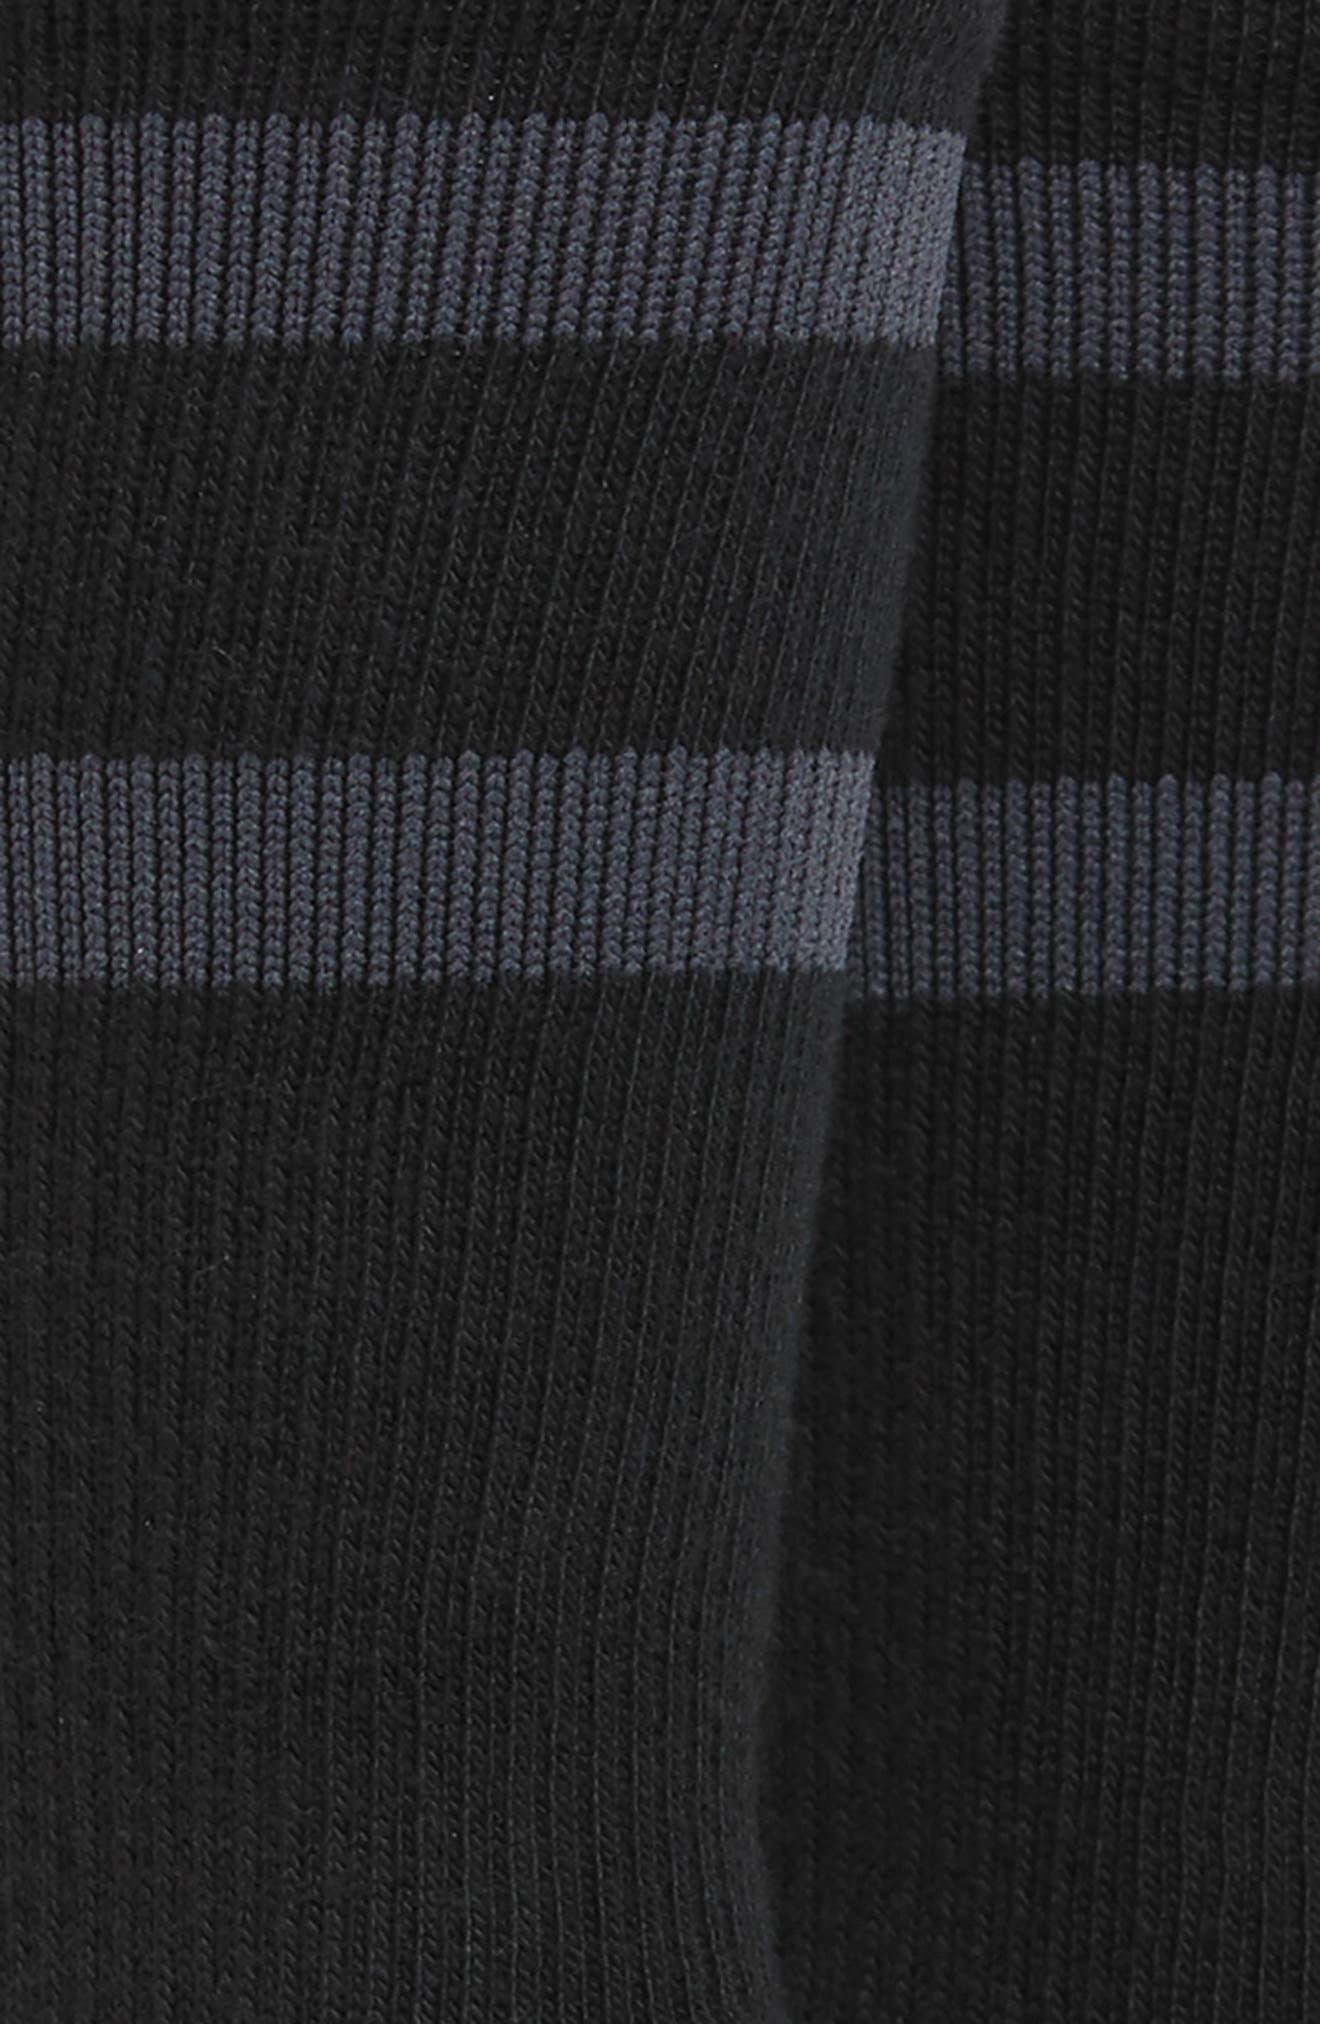 SB 3-Pack Crew Socks,                             Alternate thumbnail 2, color,                             001